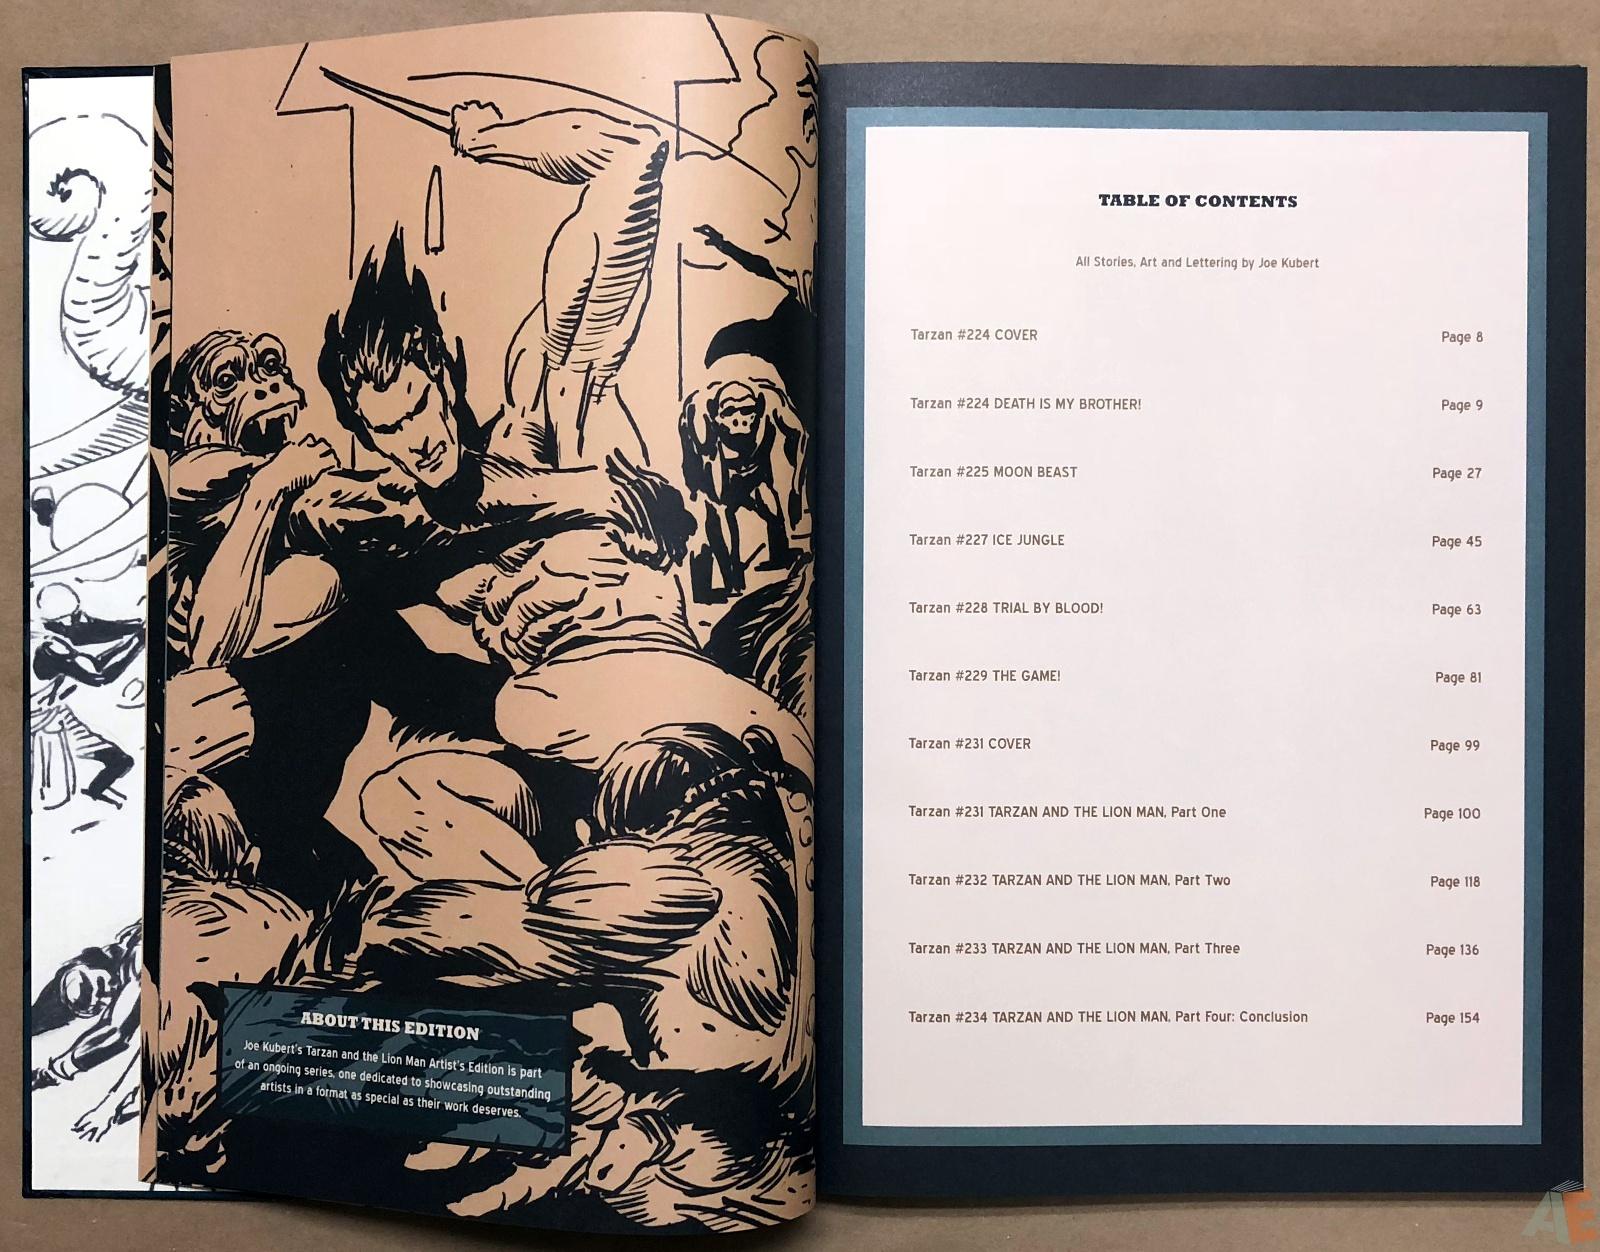 Joe Kubert's Tarzan and the Lion Man Artist's Edition 8